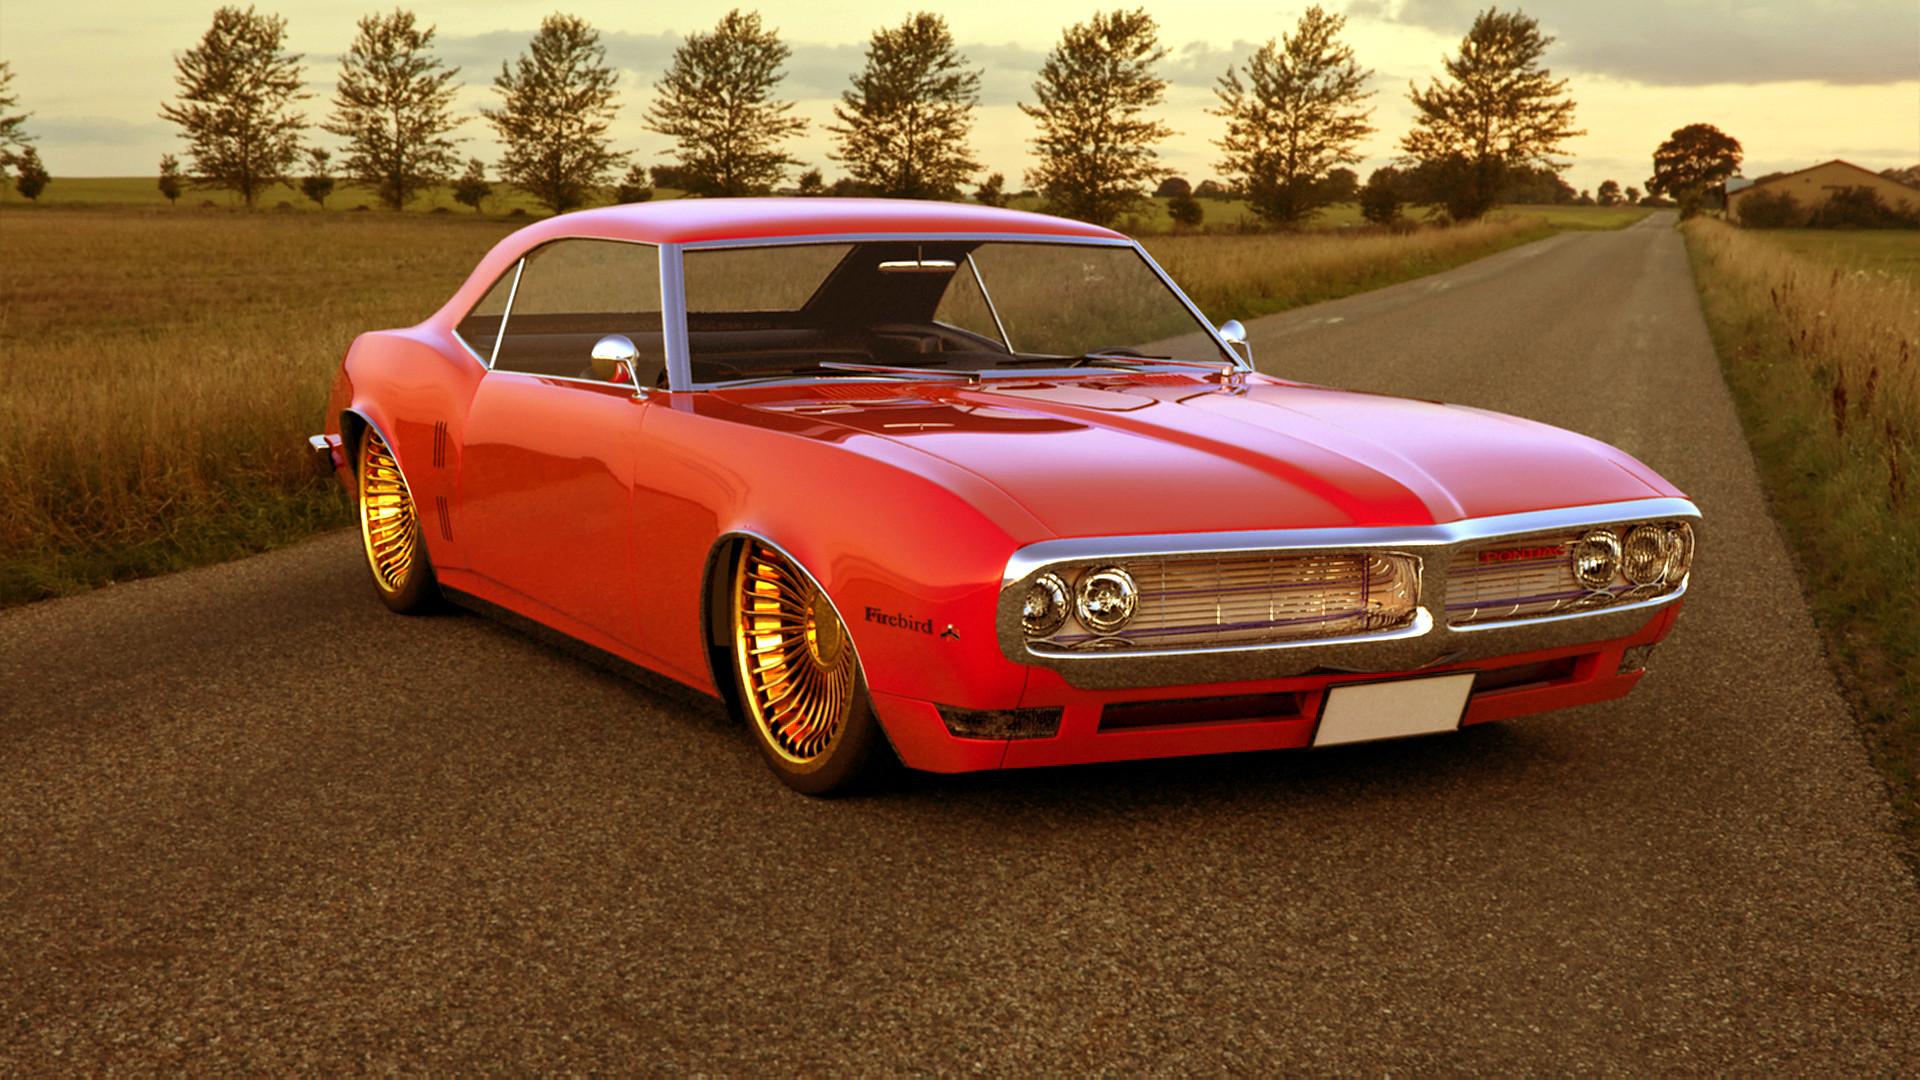 Res: 1920x1080, Pontiac Firebird 1968 Red